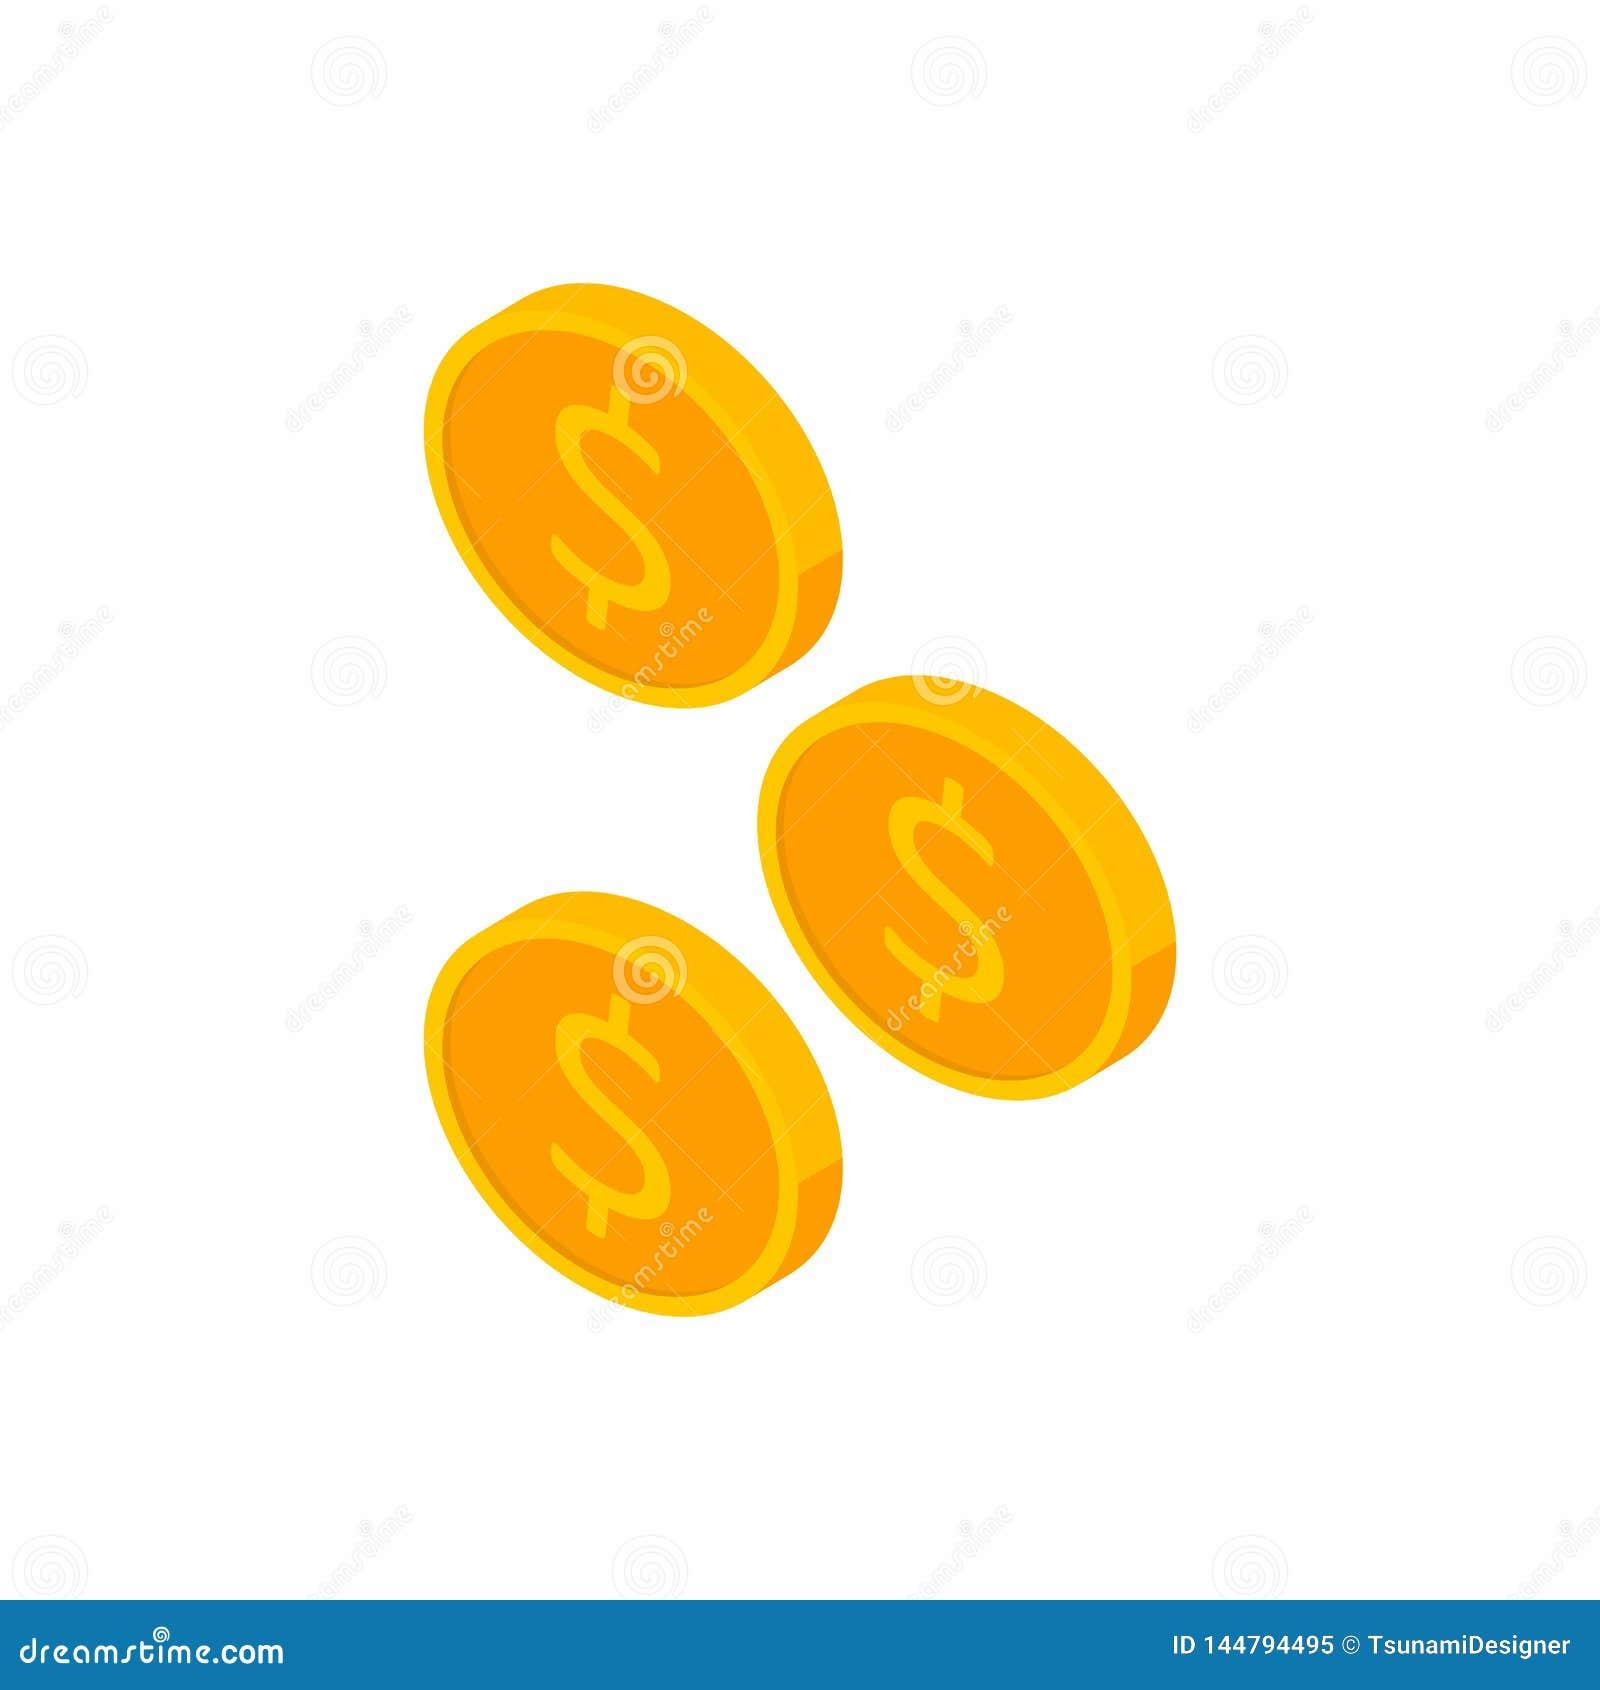 Moneda, dólar, isométrico, pila de dinero, finanzas, negocio, vector, icono plano